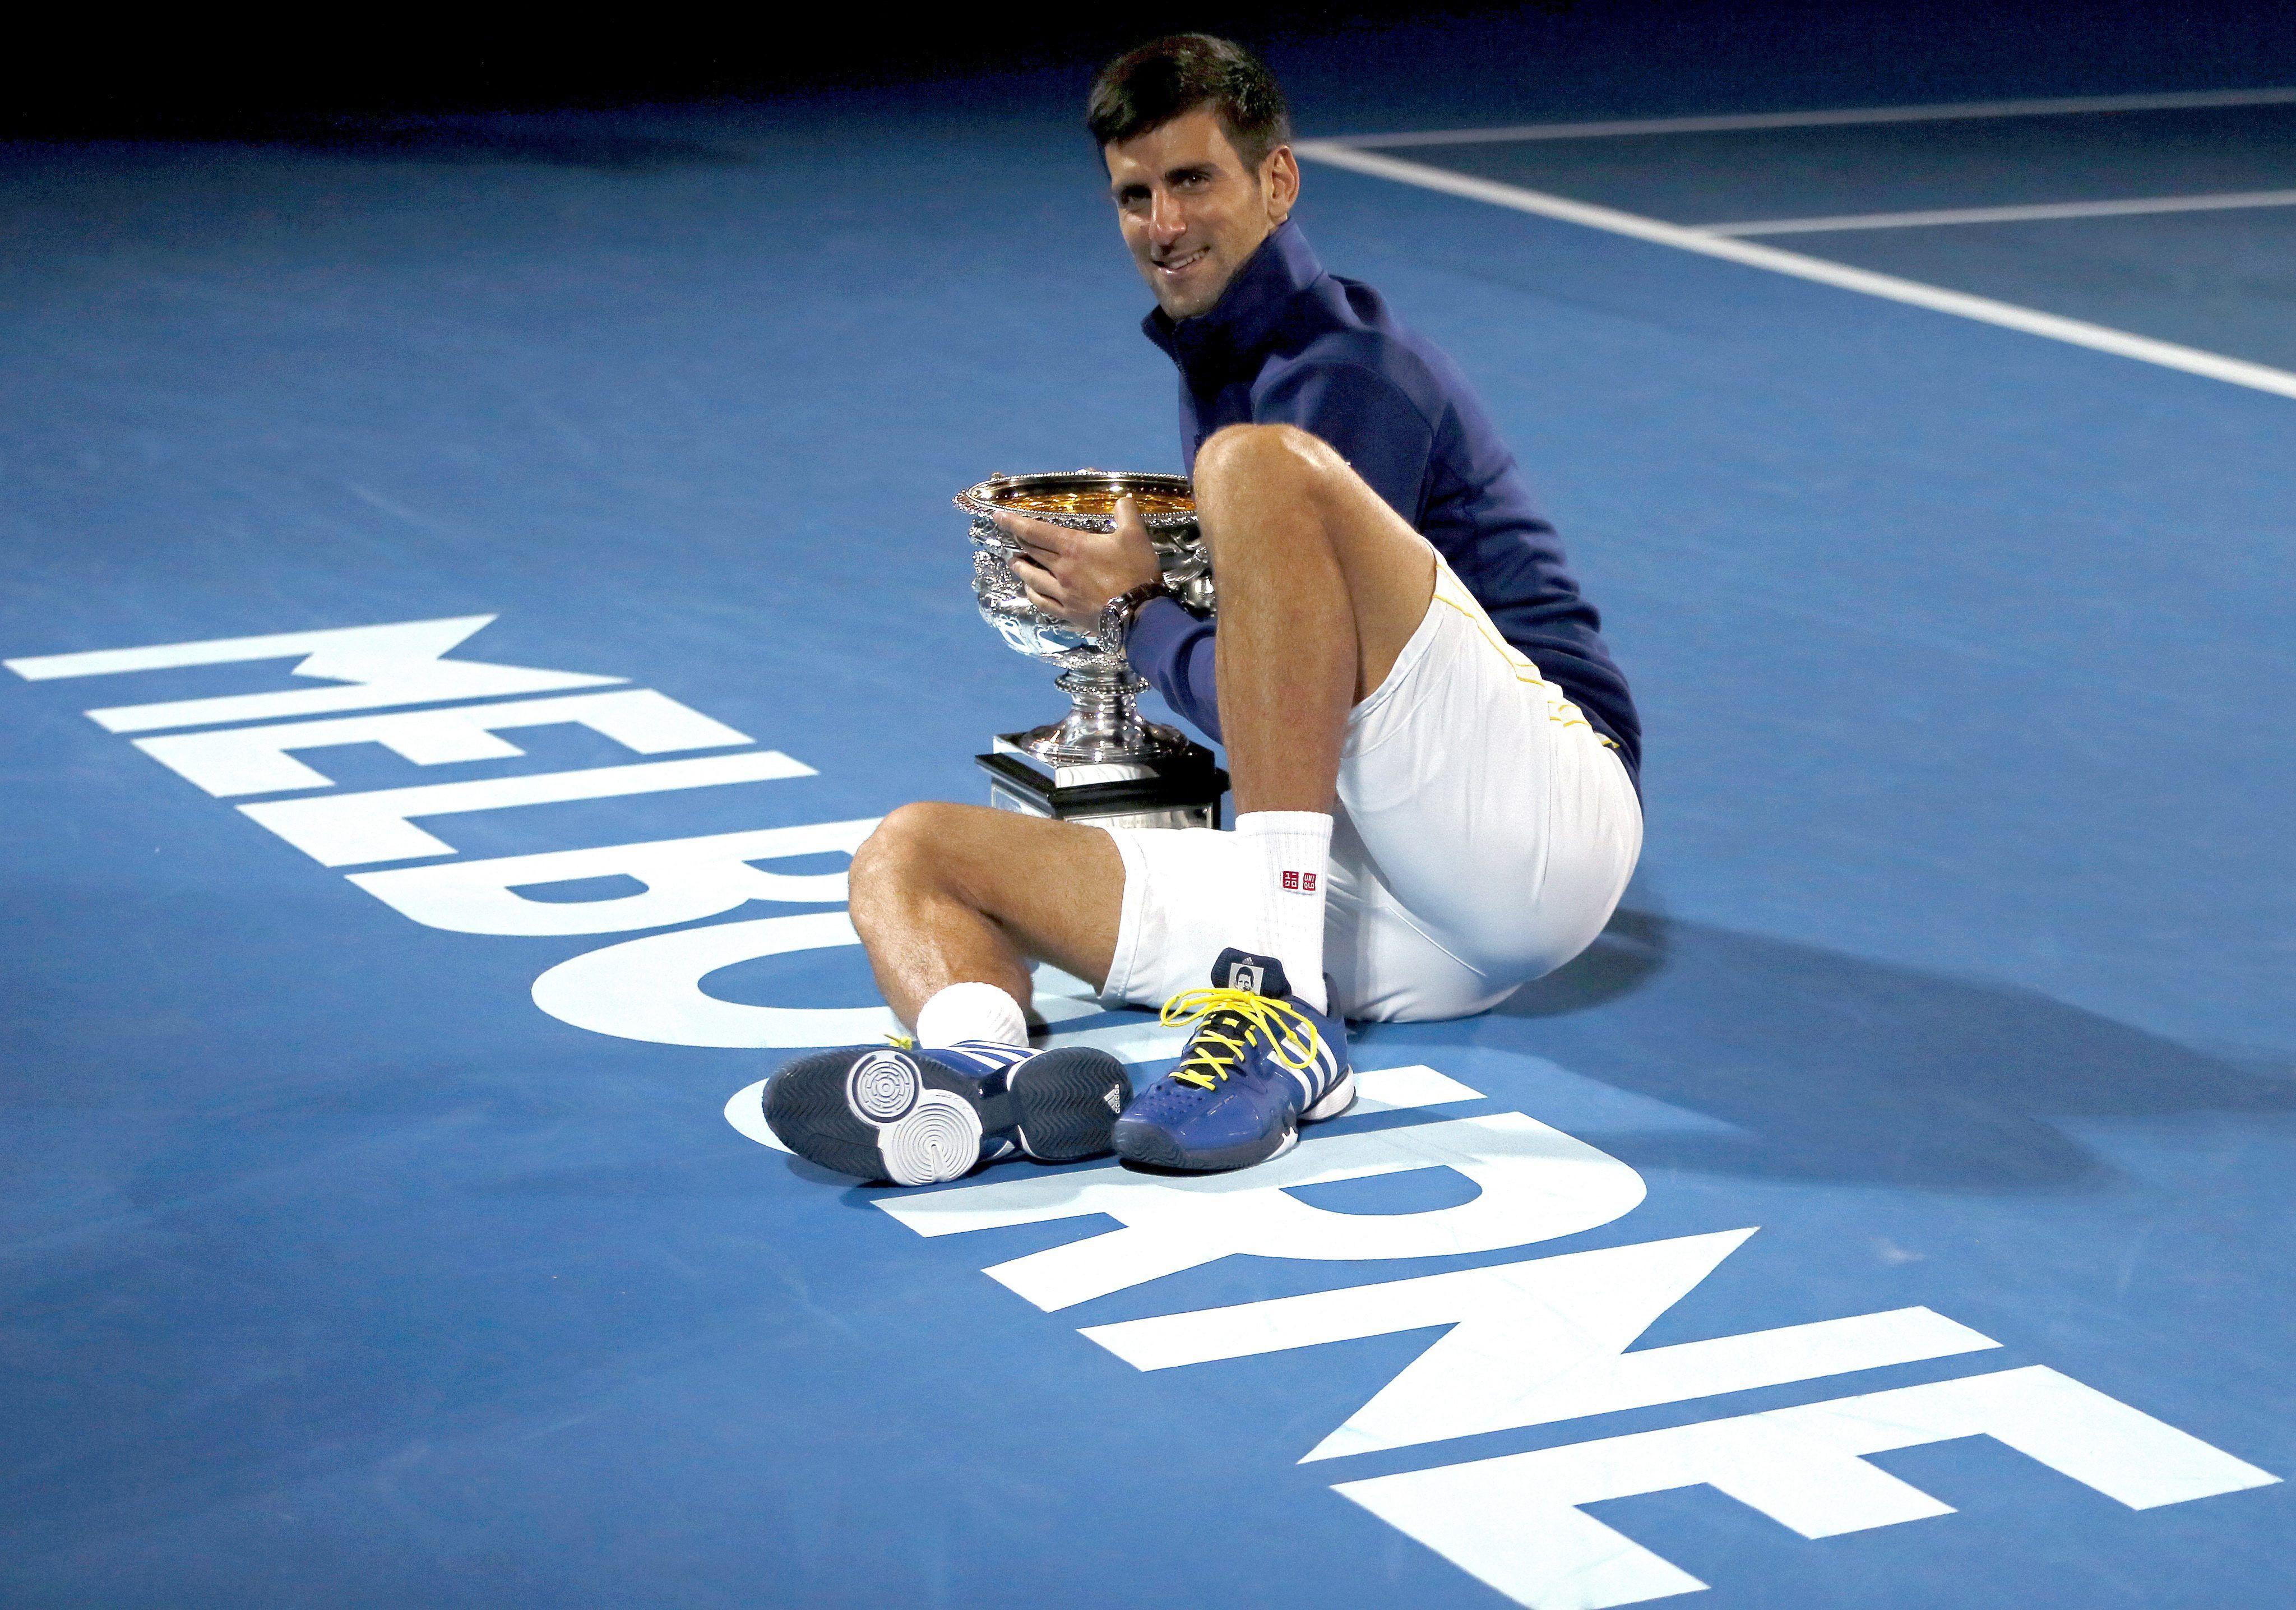 Rey absoluto: Novak Djokovic venció a Murray para coronarse en Australia